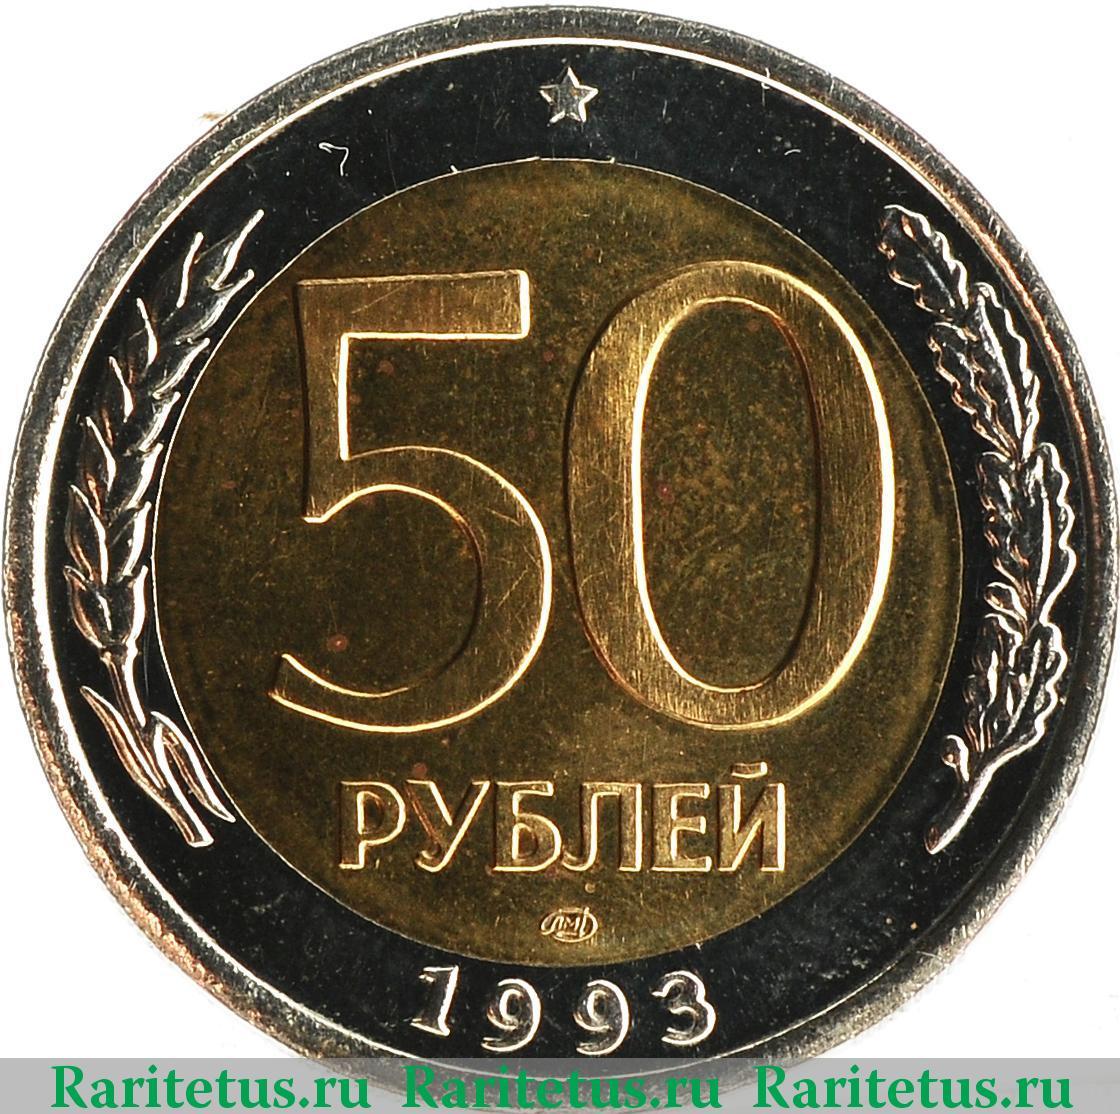 Цена монеты 50 рублей 1993 года 50 долларов 1993 года стоимость